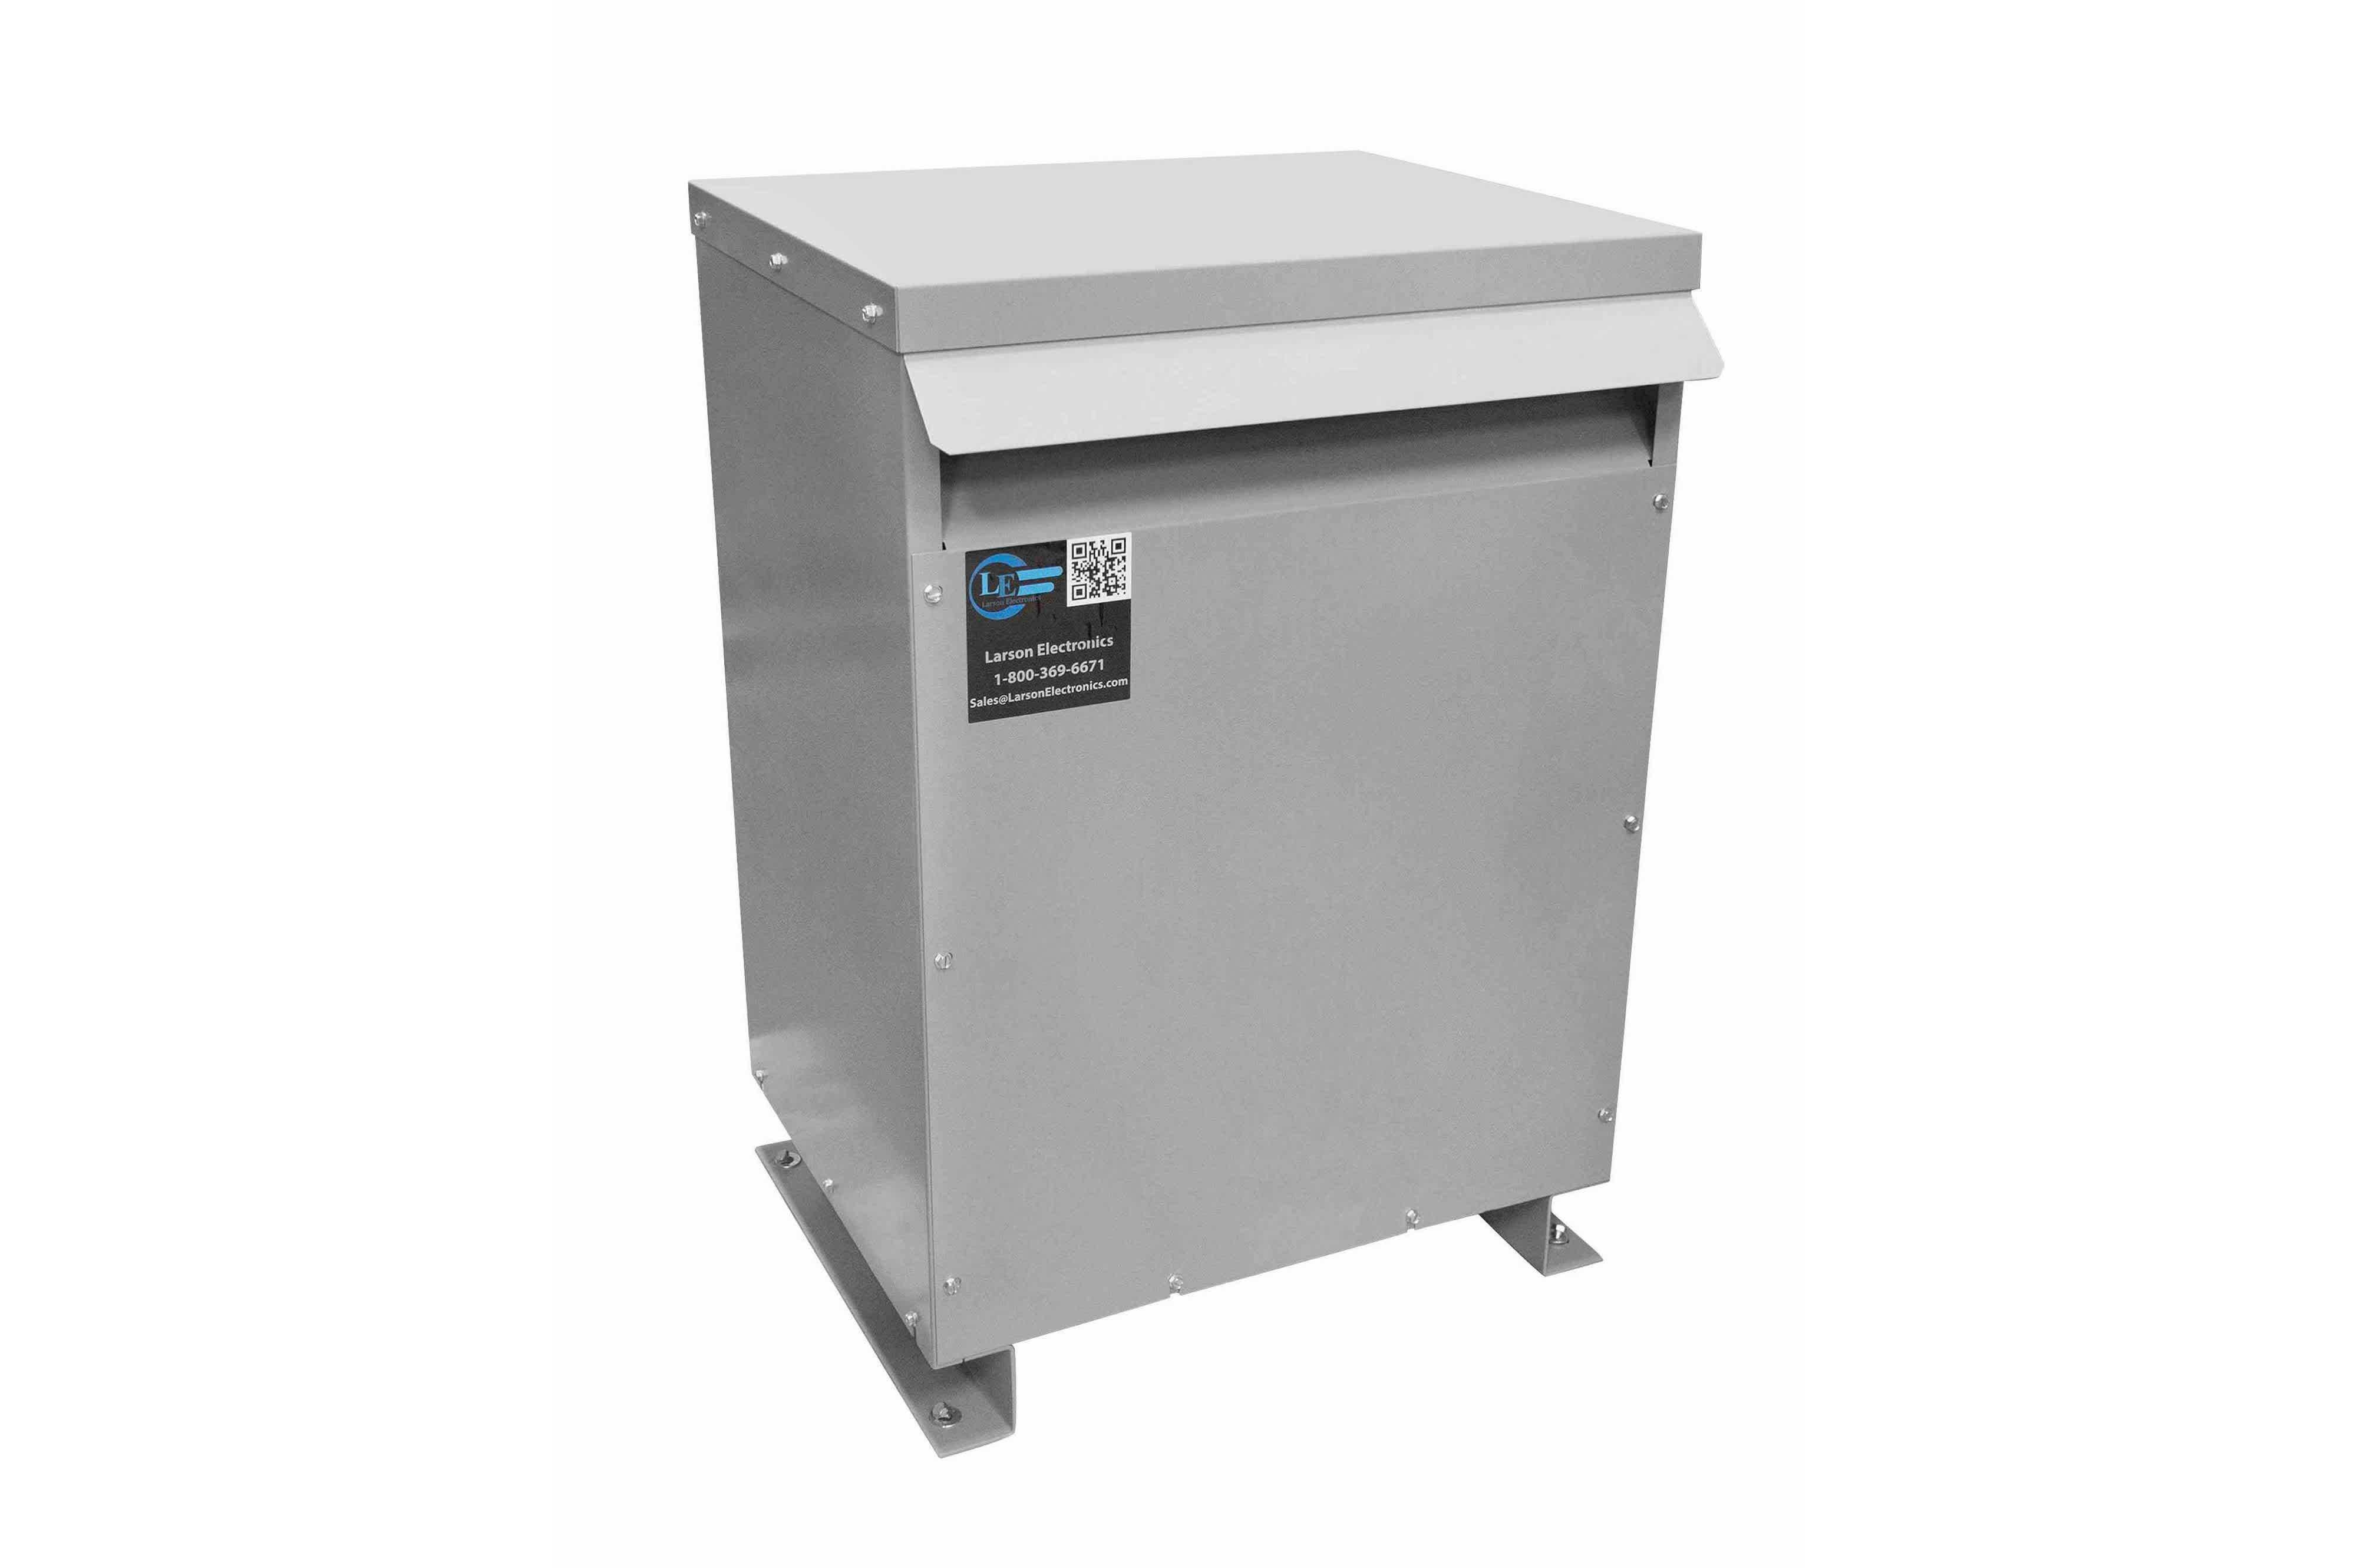 37.5 kVA 3PH DOE Transformer, 600V Delta Primary, 240V/120 Delta Secondary, N3R, Ventilated, 60 Hz